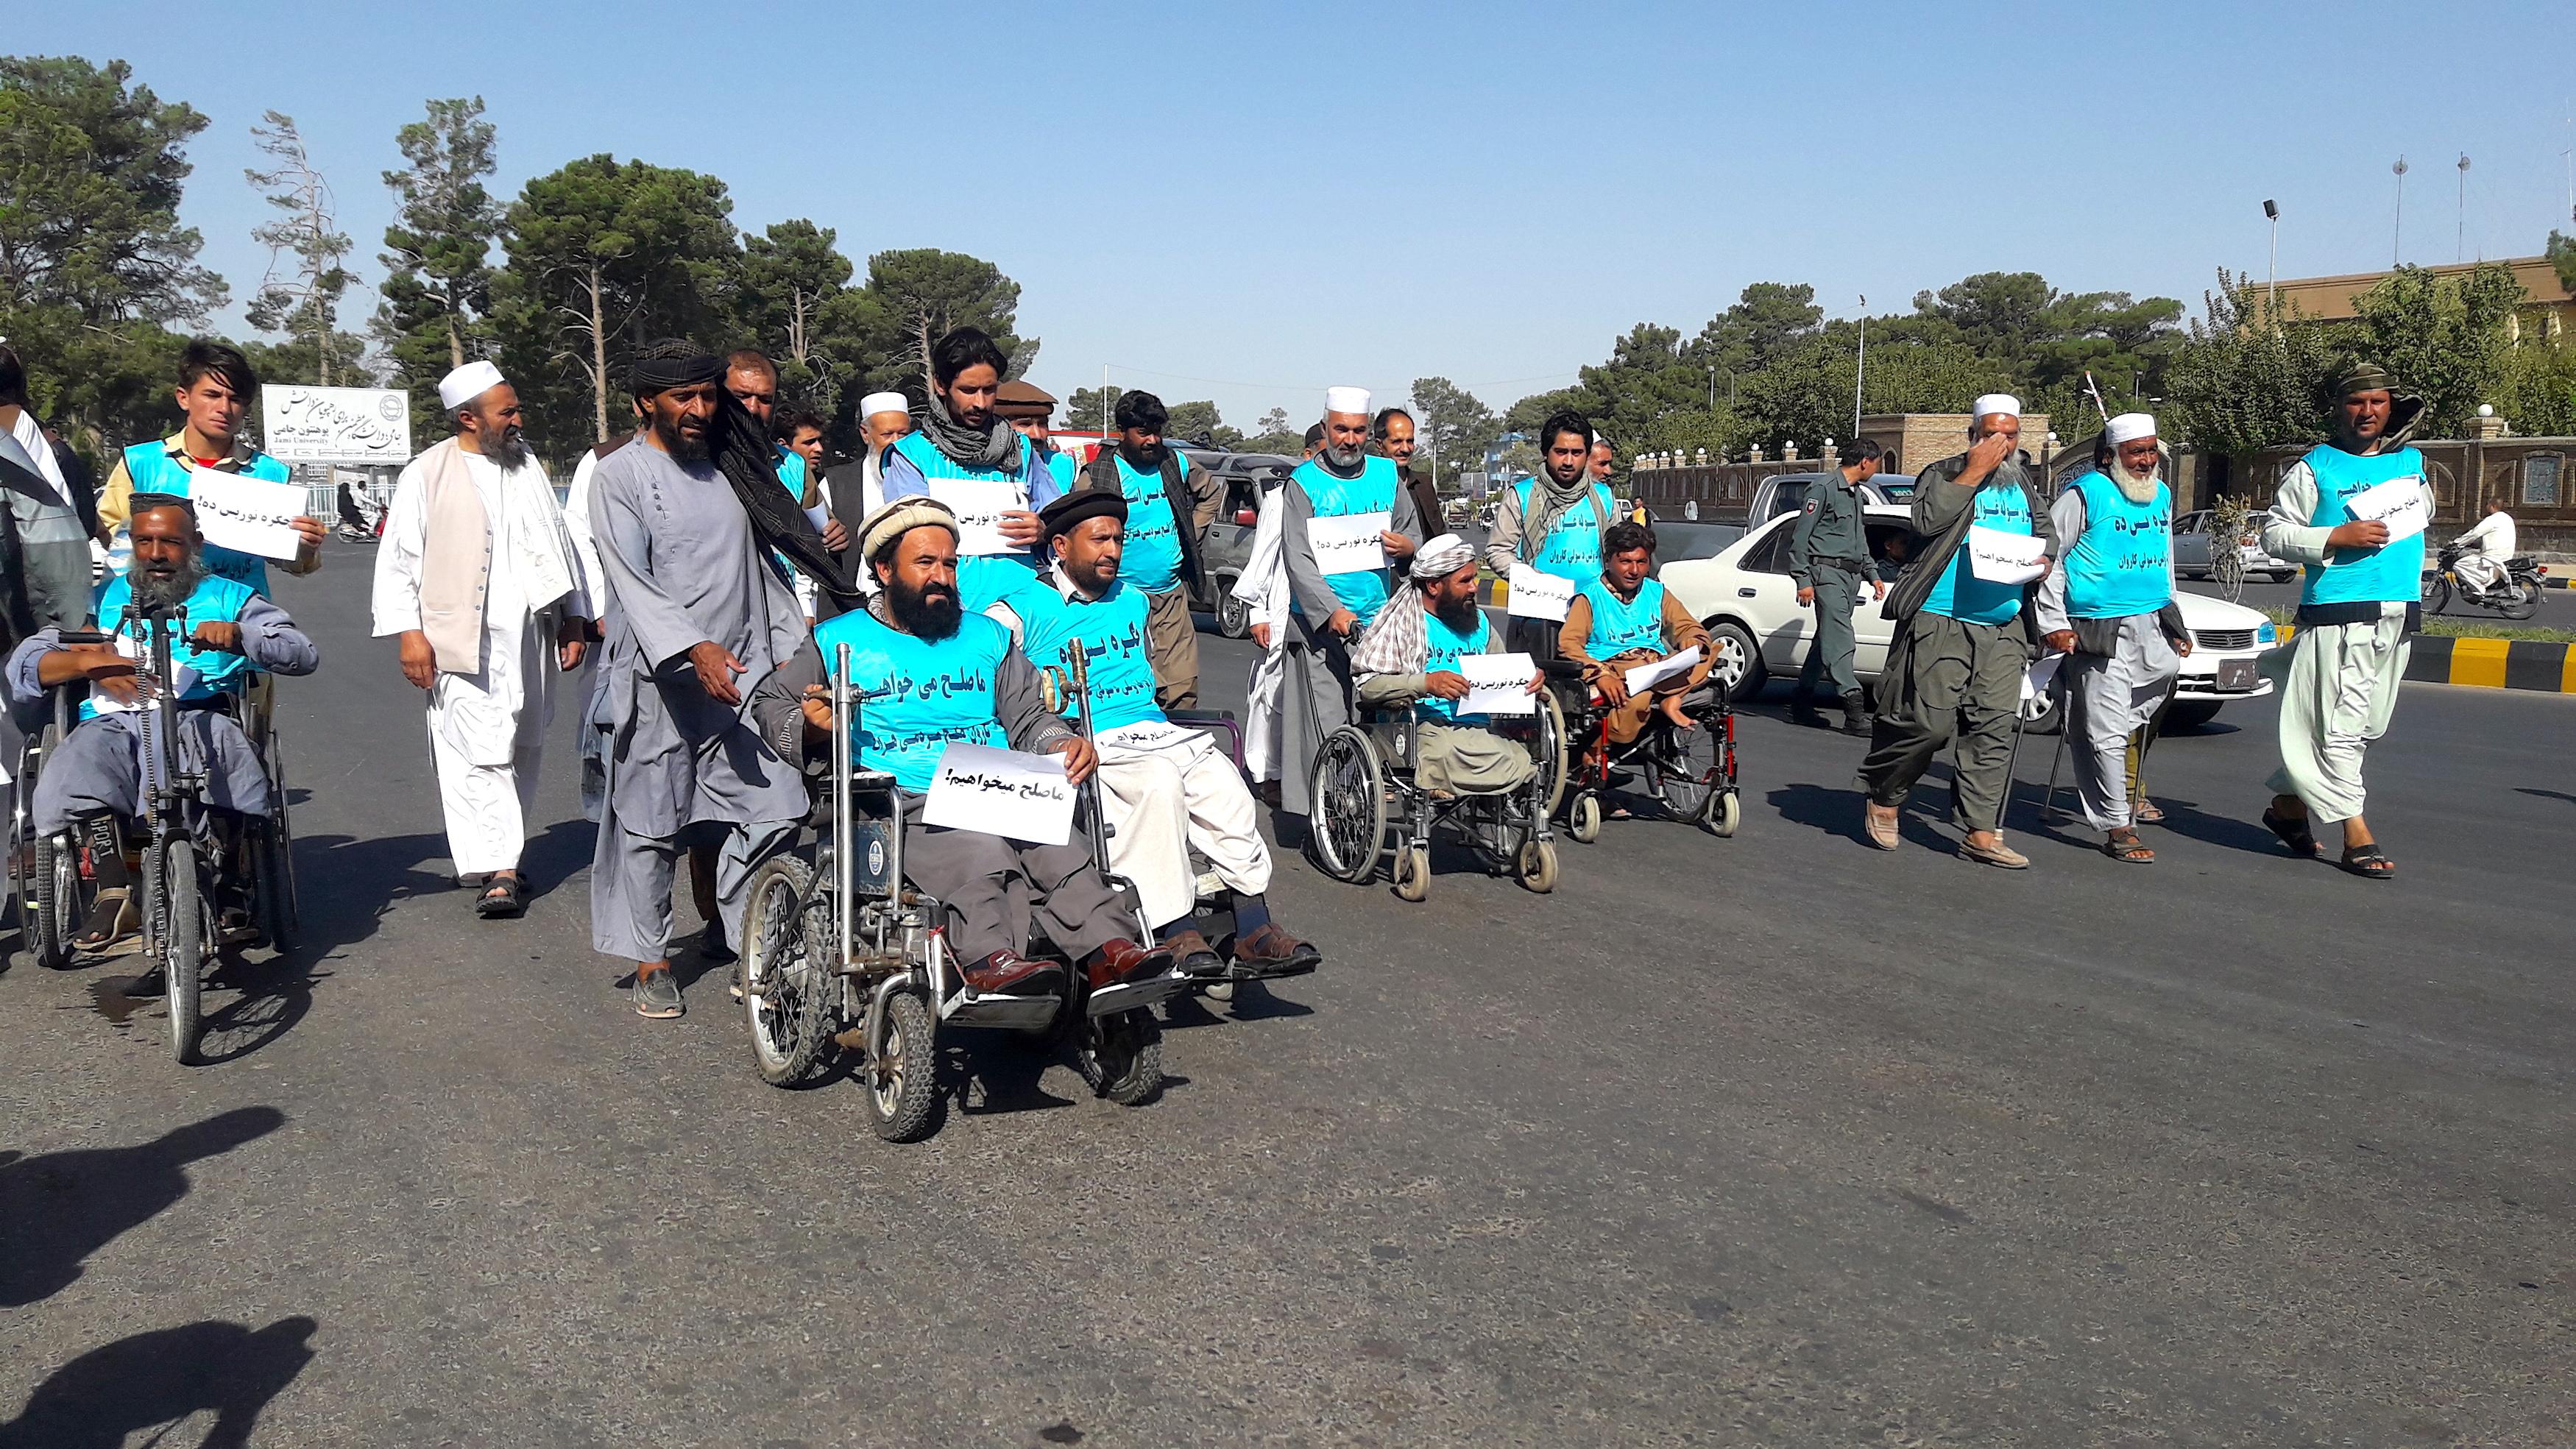 طی مسیر طاقتفرسا توسط کاروان معلولین جنگ افغان برای درخواست صلح از طالبان